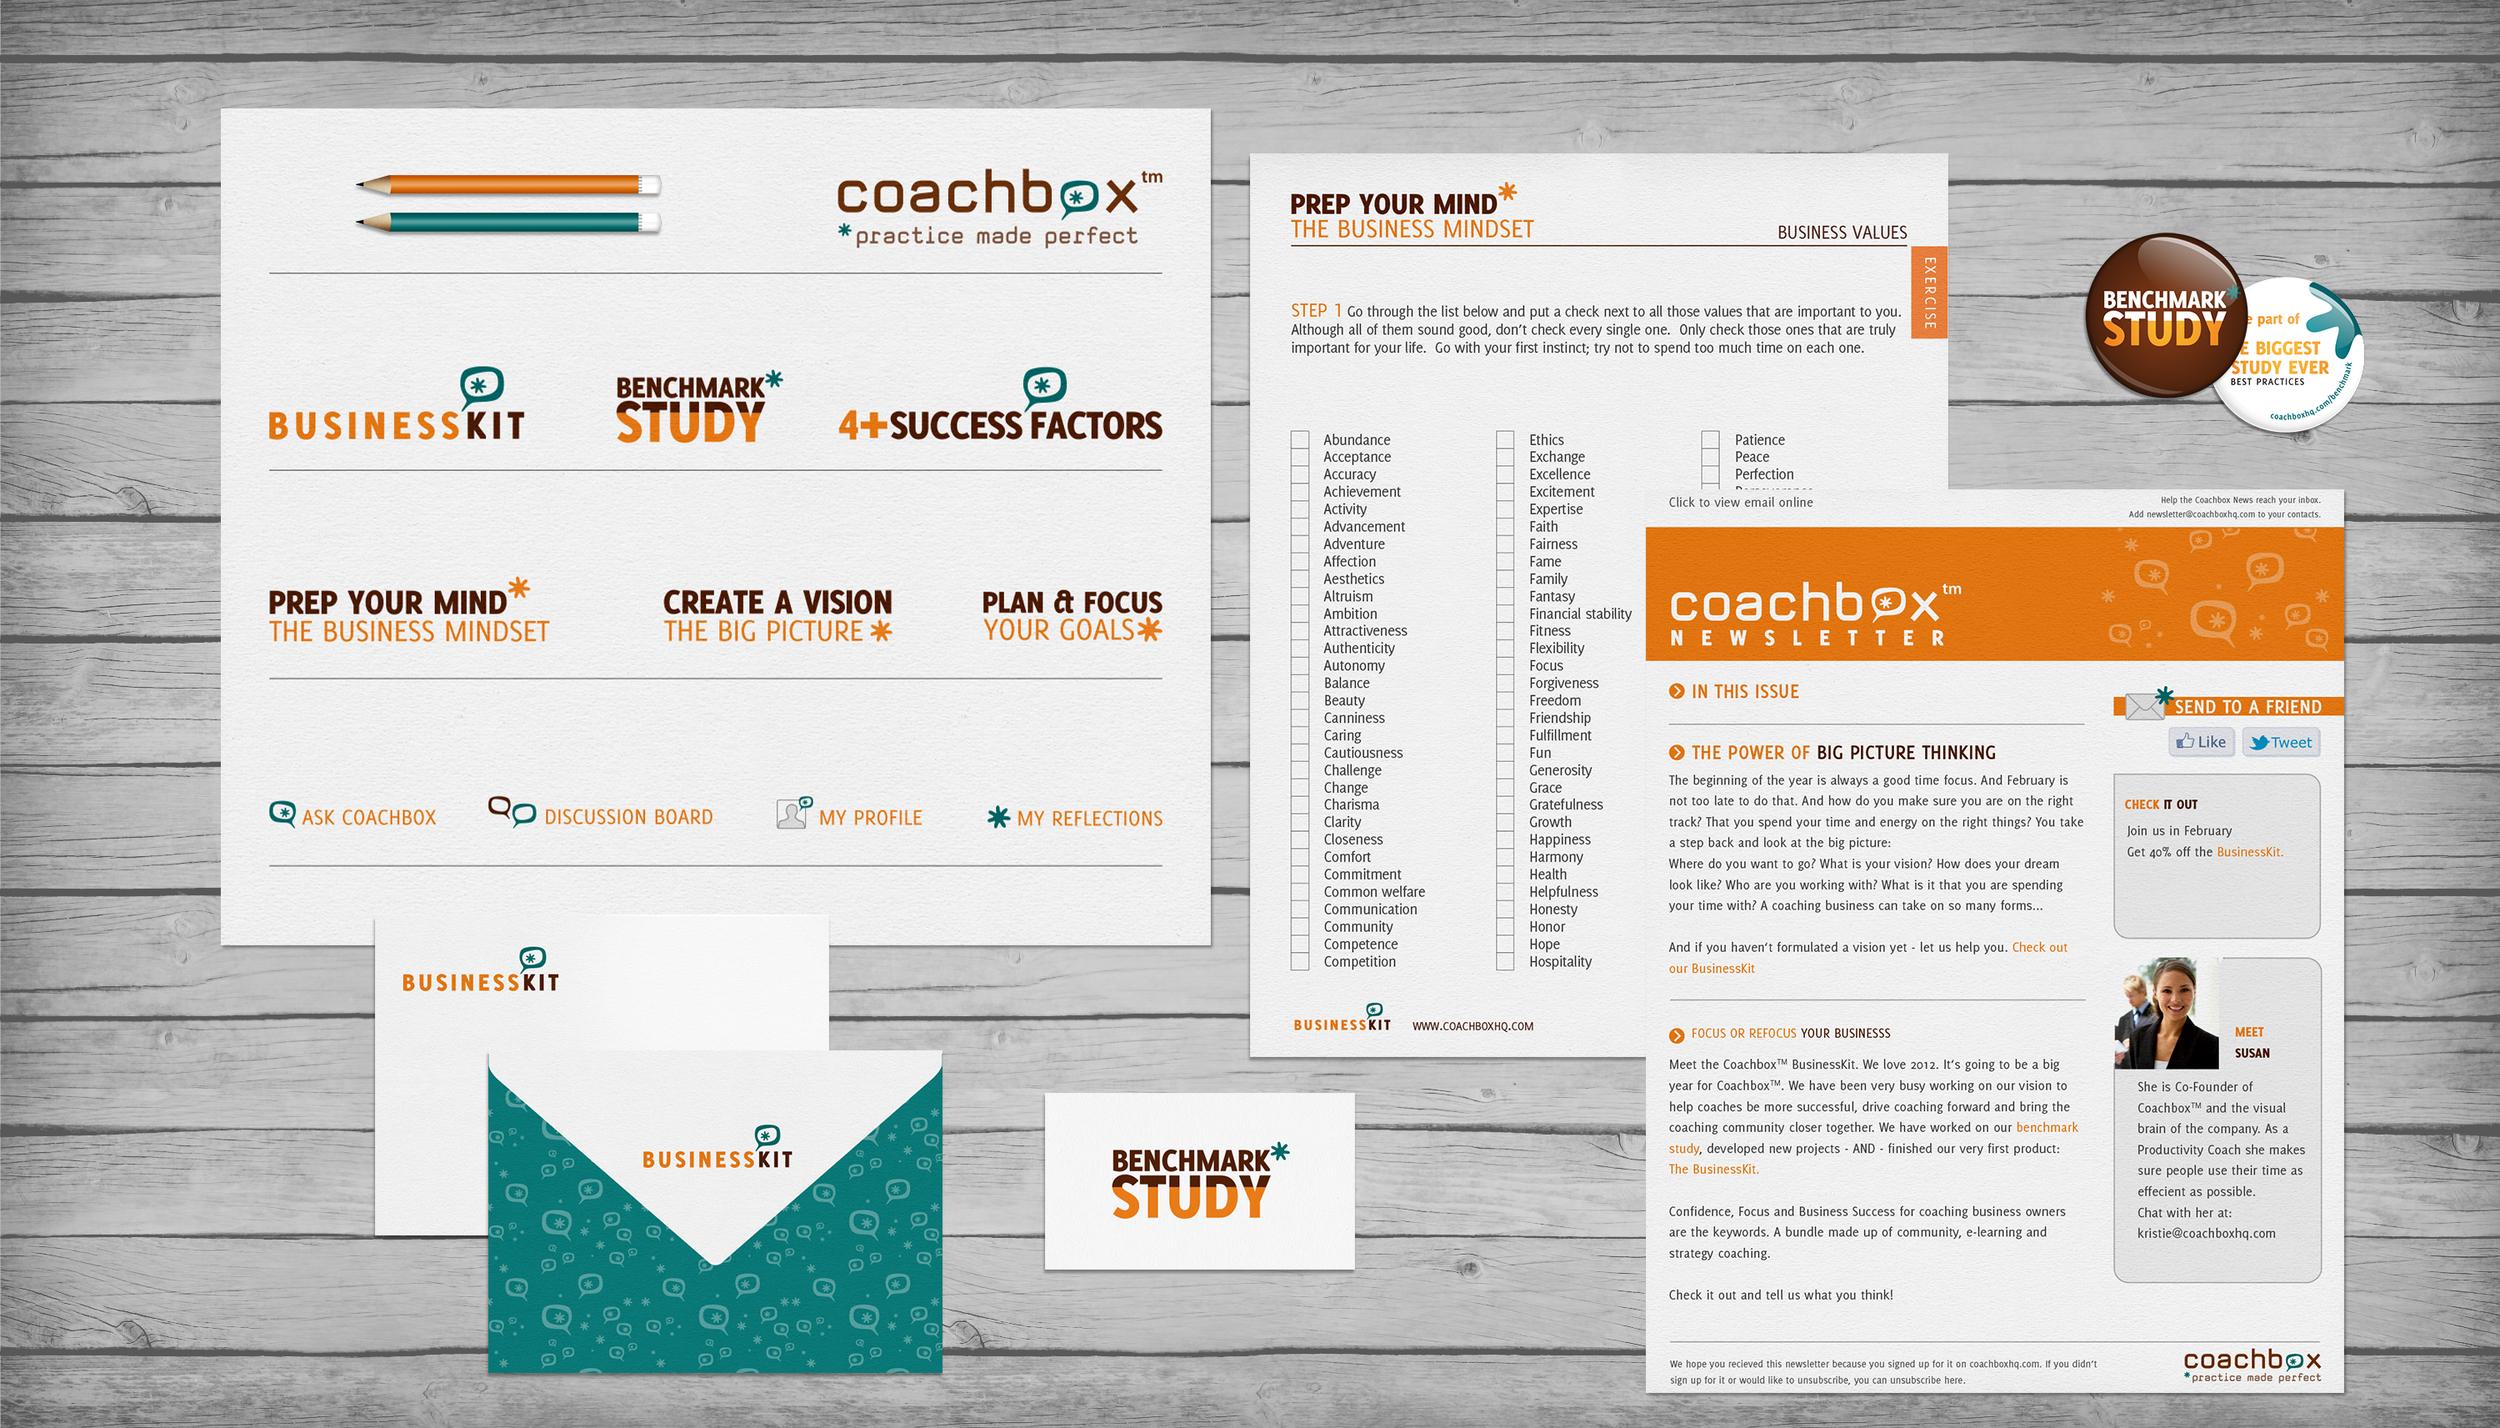 Coachbox Branding wide v2.jpg